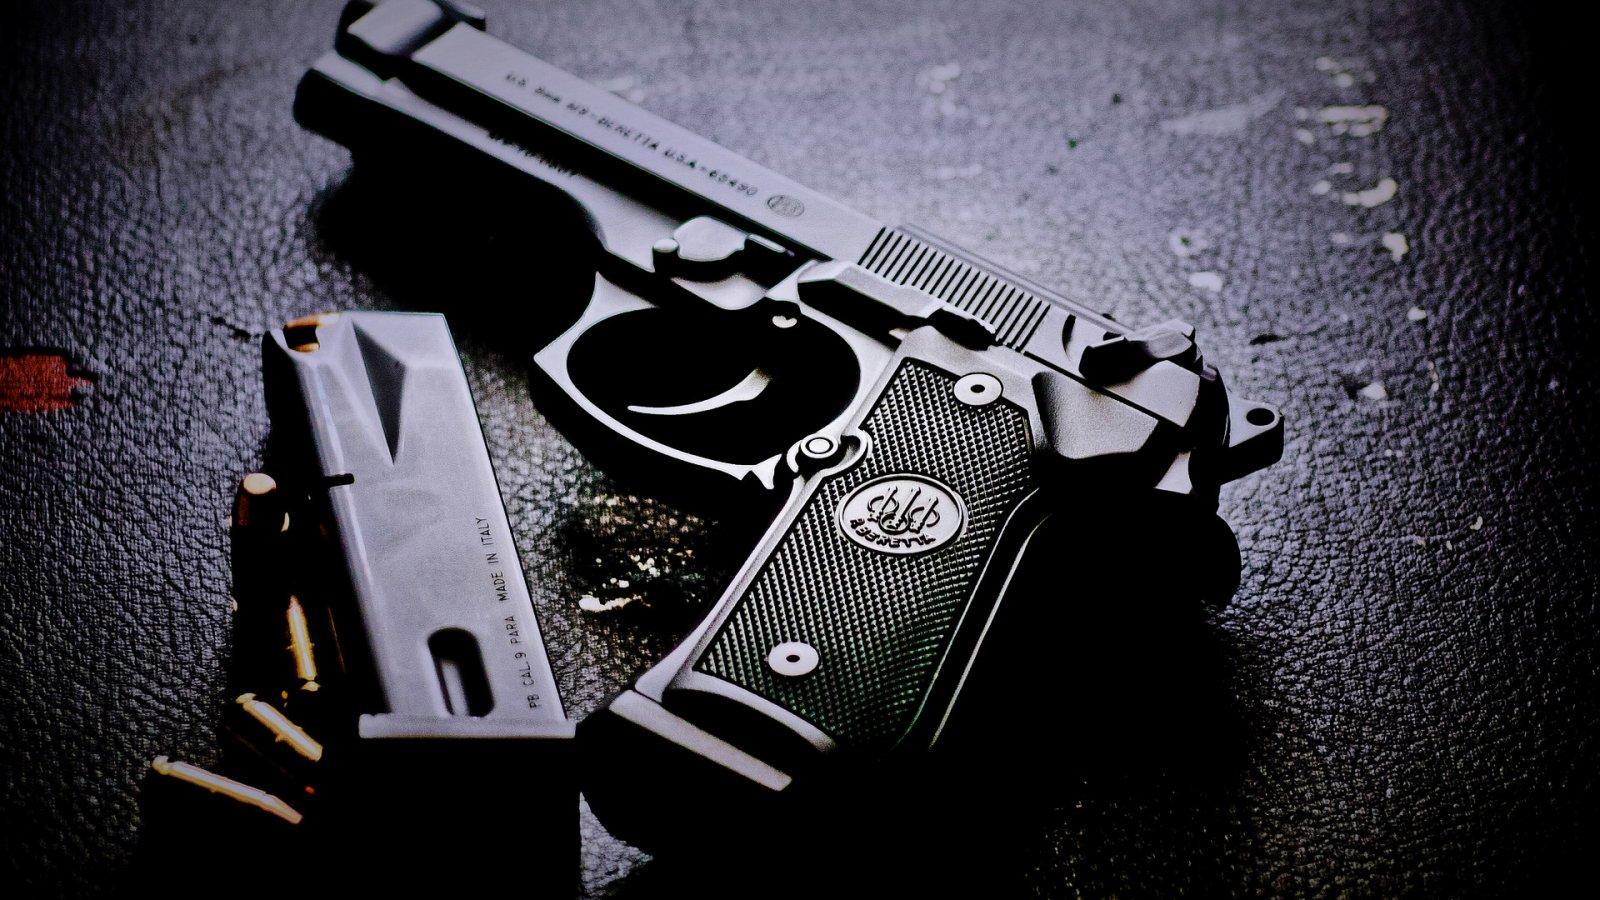 Izmene i dopune Zakona o oružju kontraproduktivne 14502